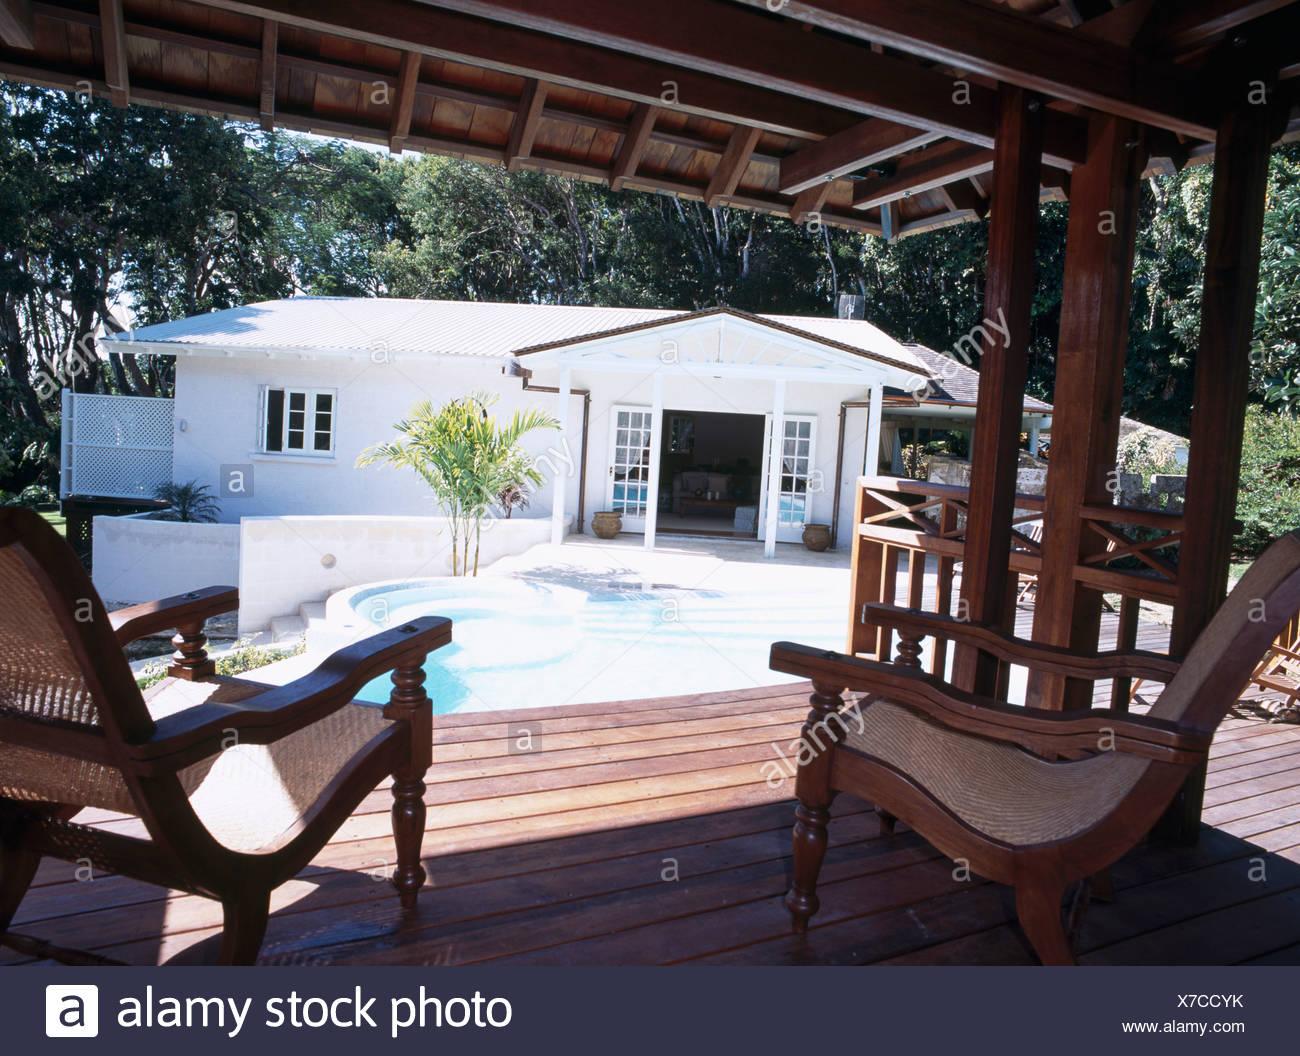 Chaises du semoir sur des planchers en bois gazebo en bois à côté de ...